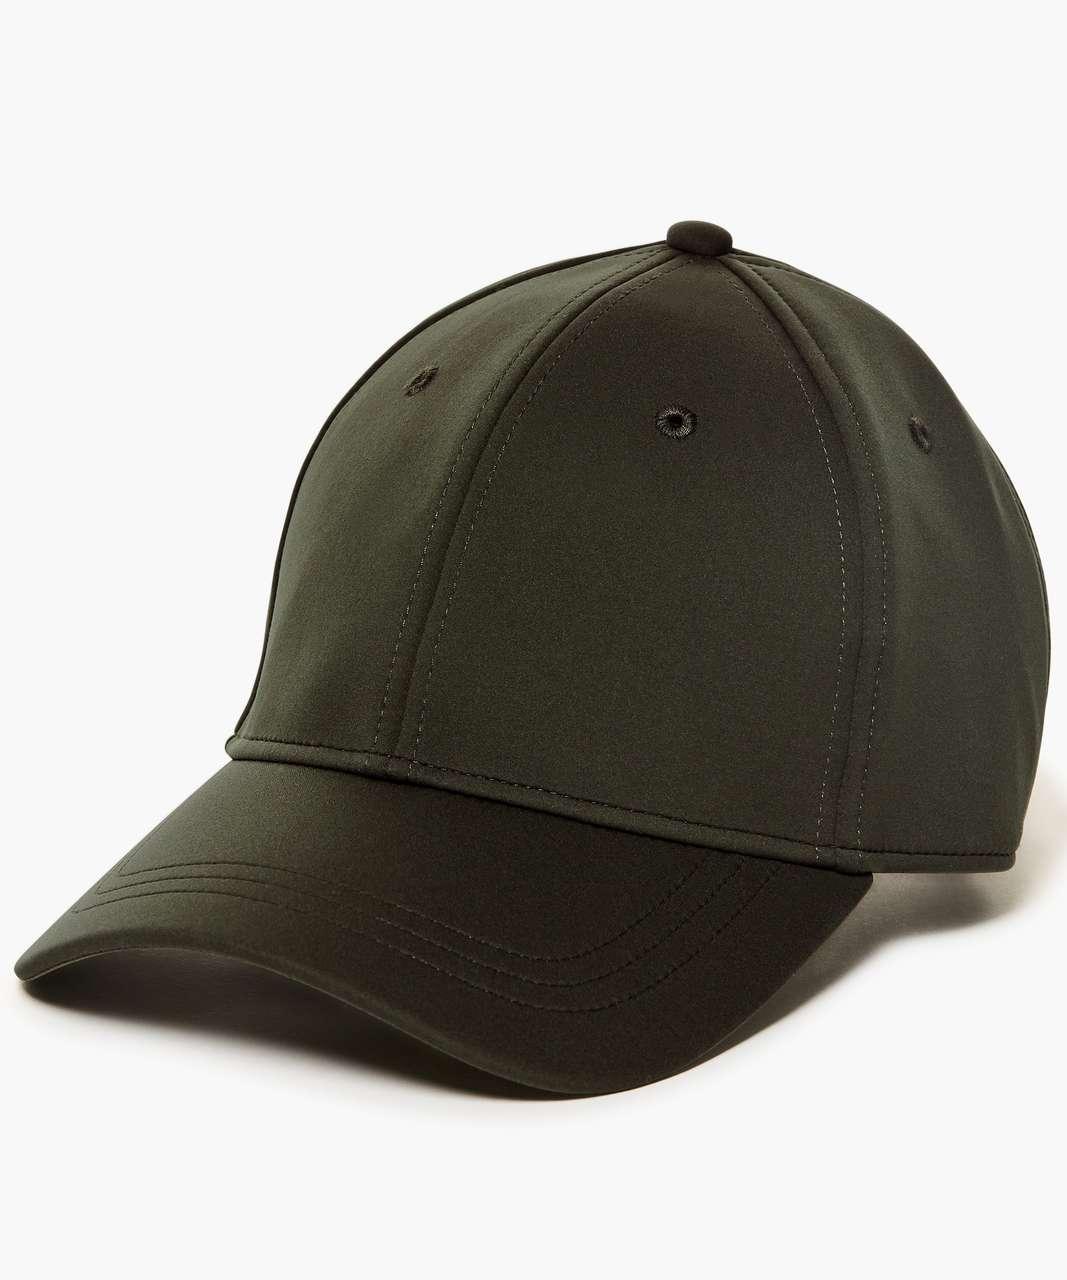 Lululemon Baller Hat - Dark Olive